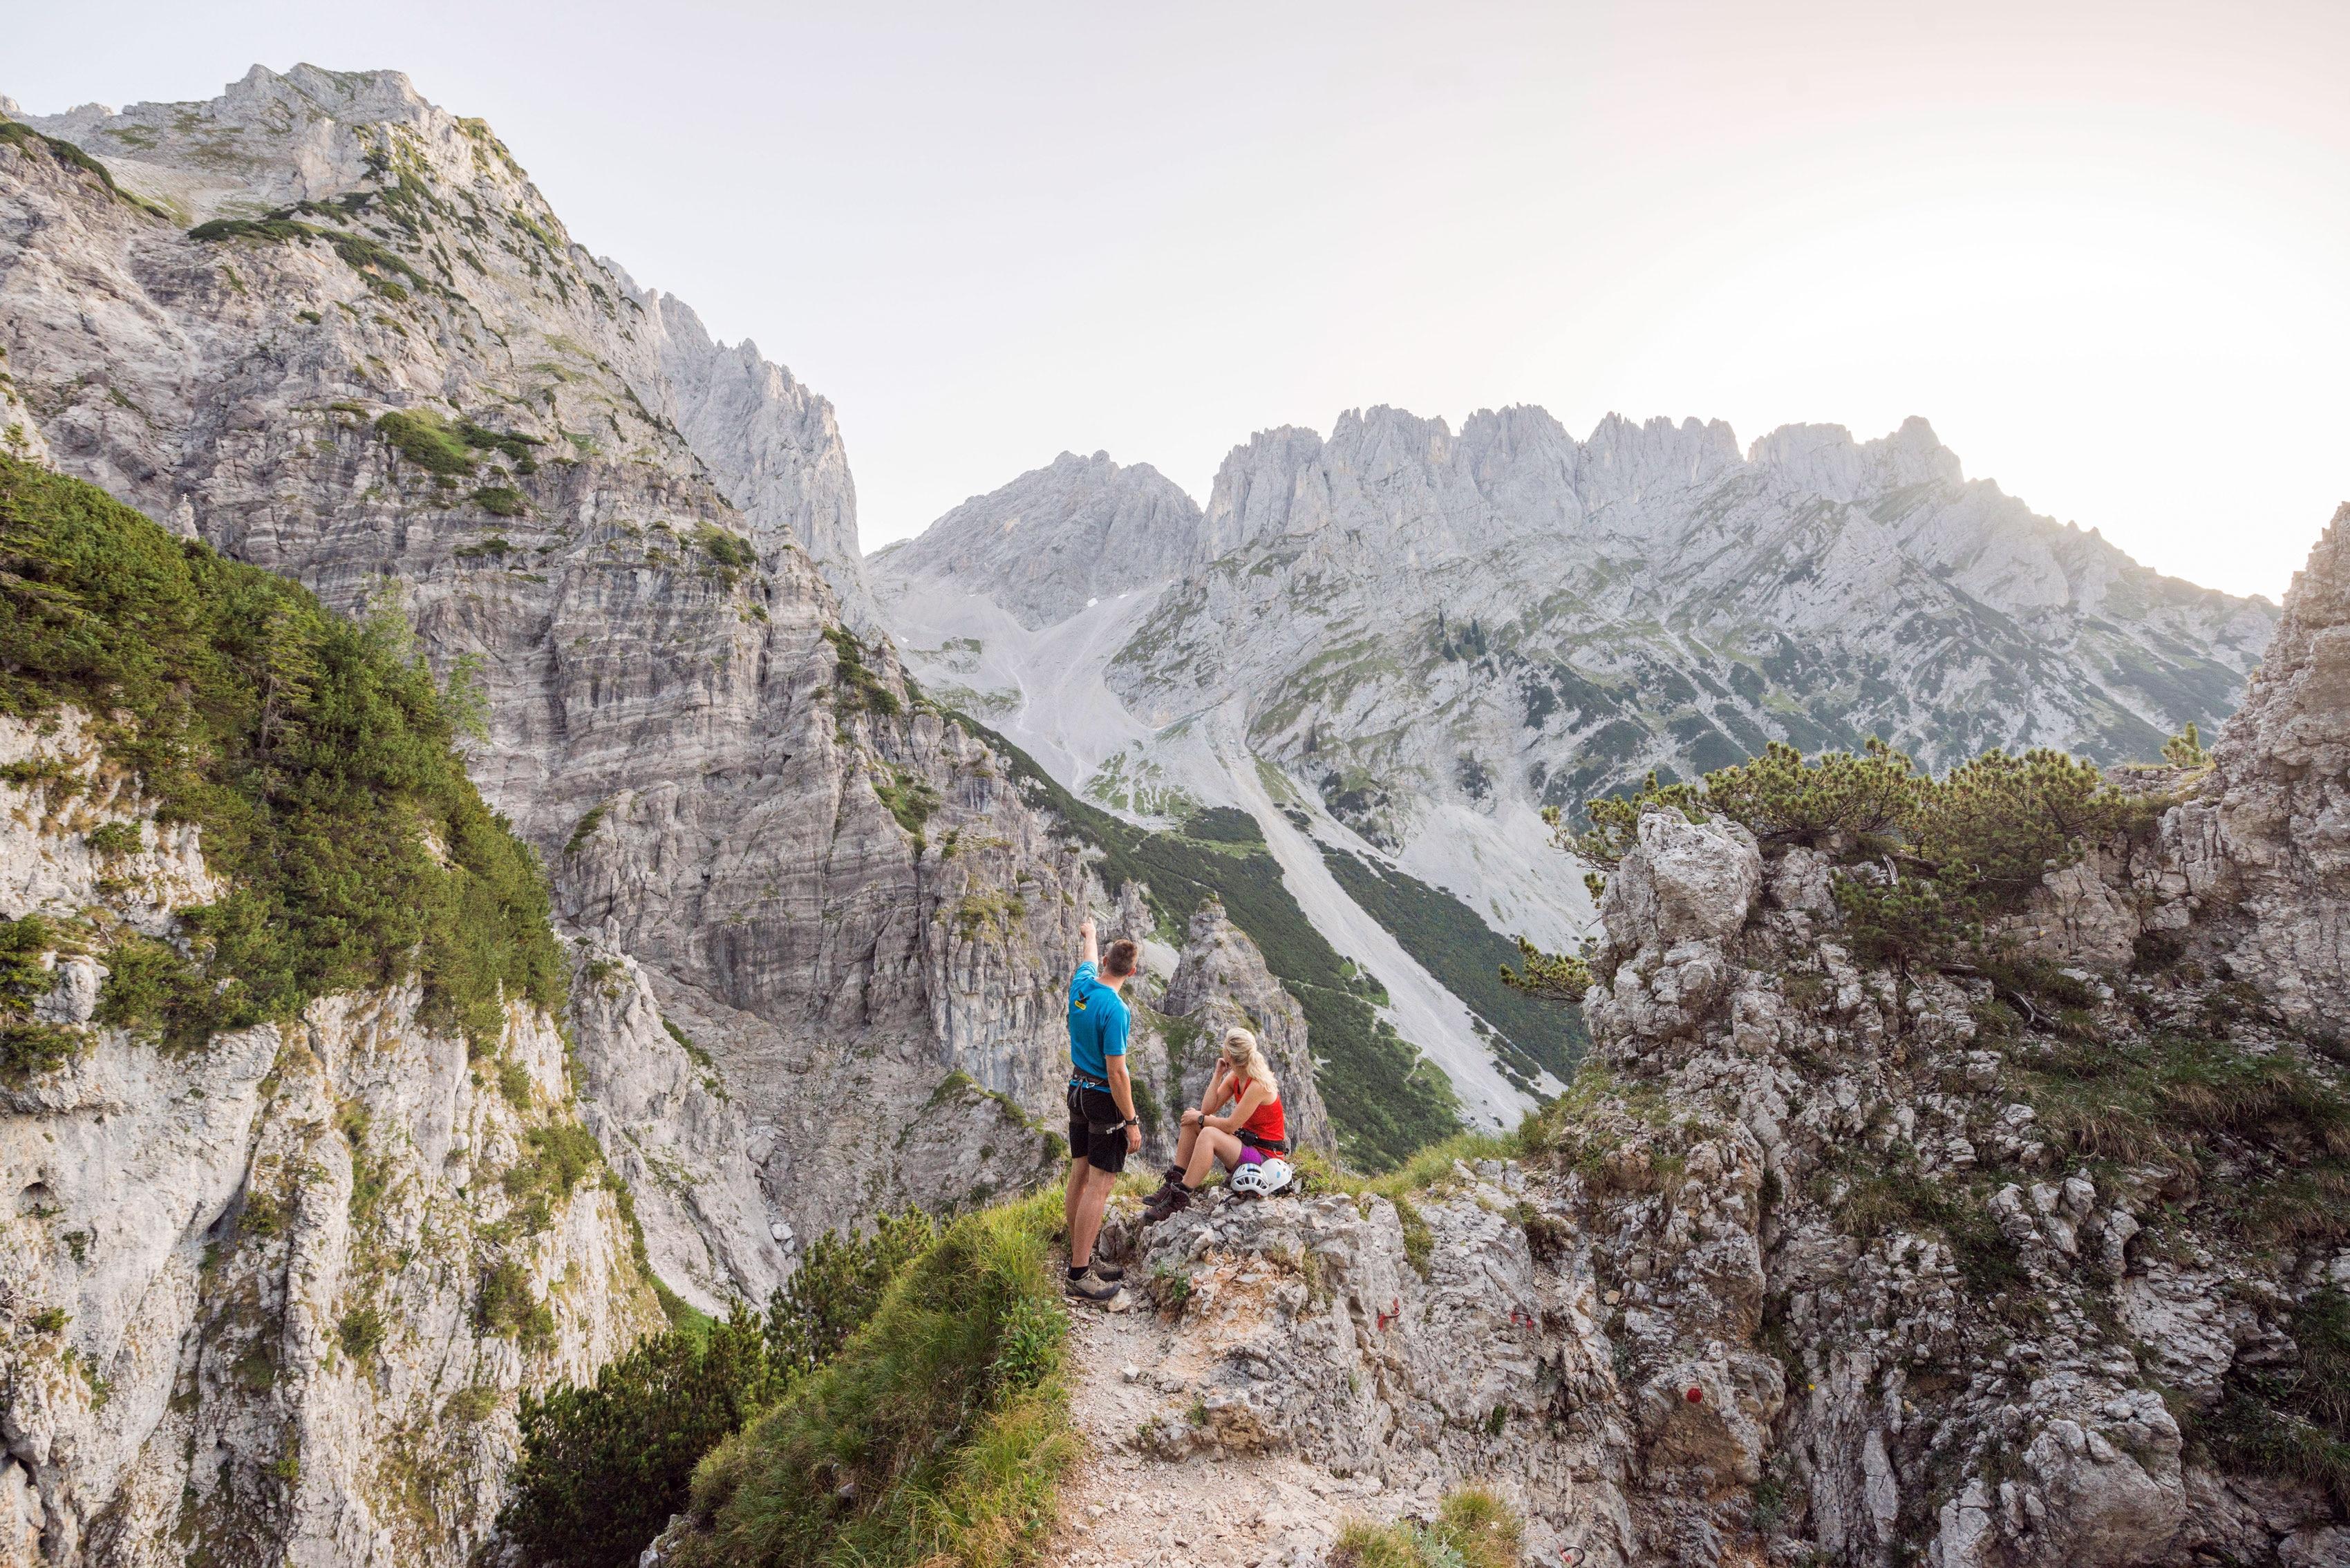 Klettersteig Wilder Kaiser : Touren rund um den wilden kaiser in tirol bergwelten